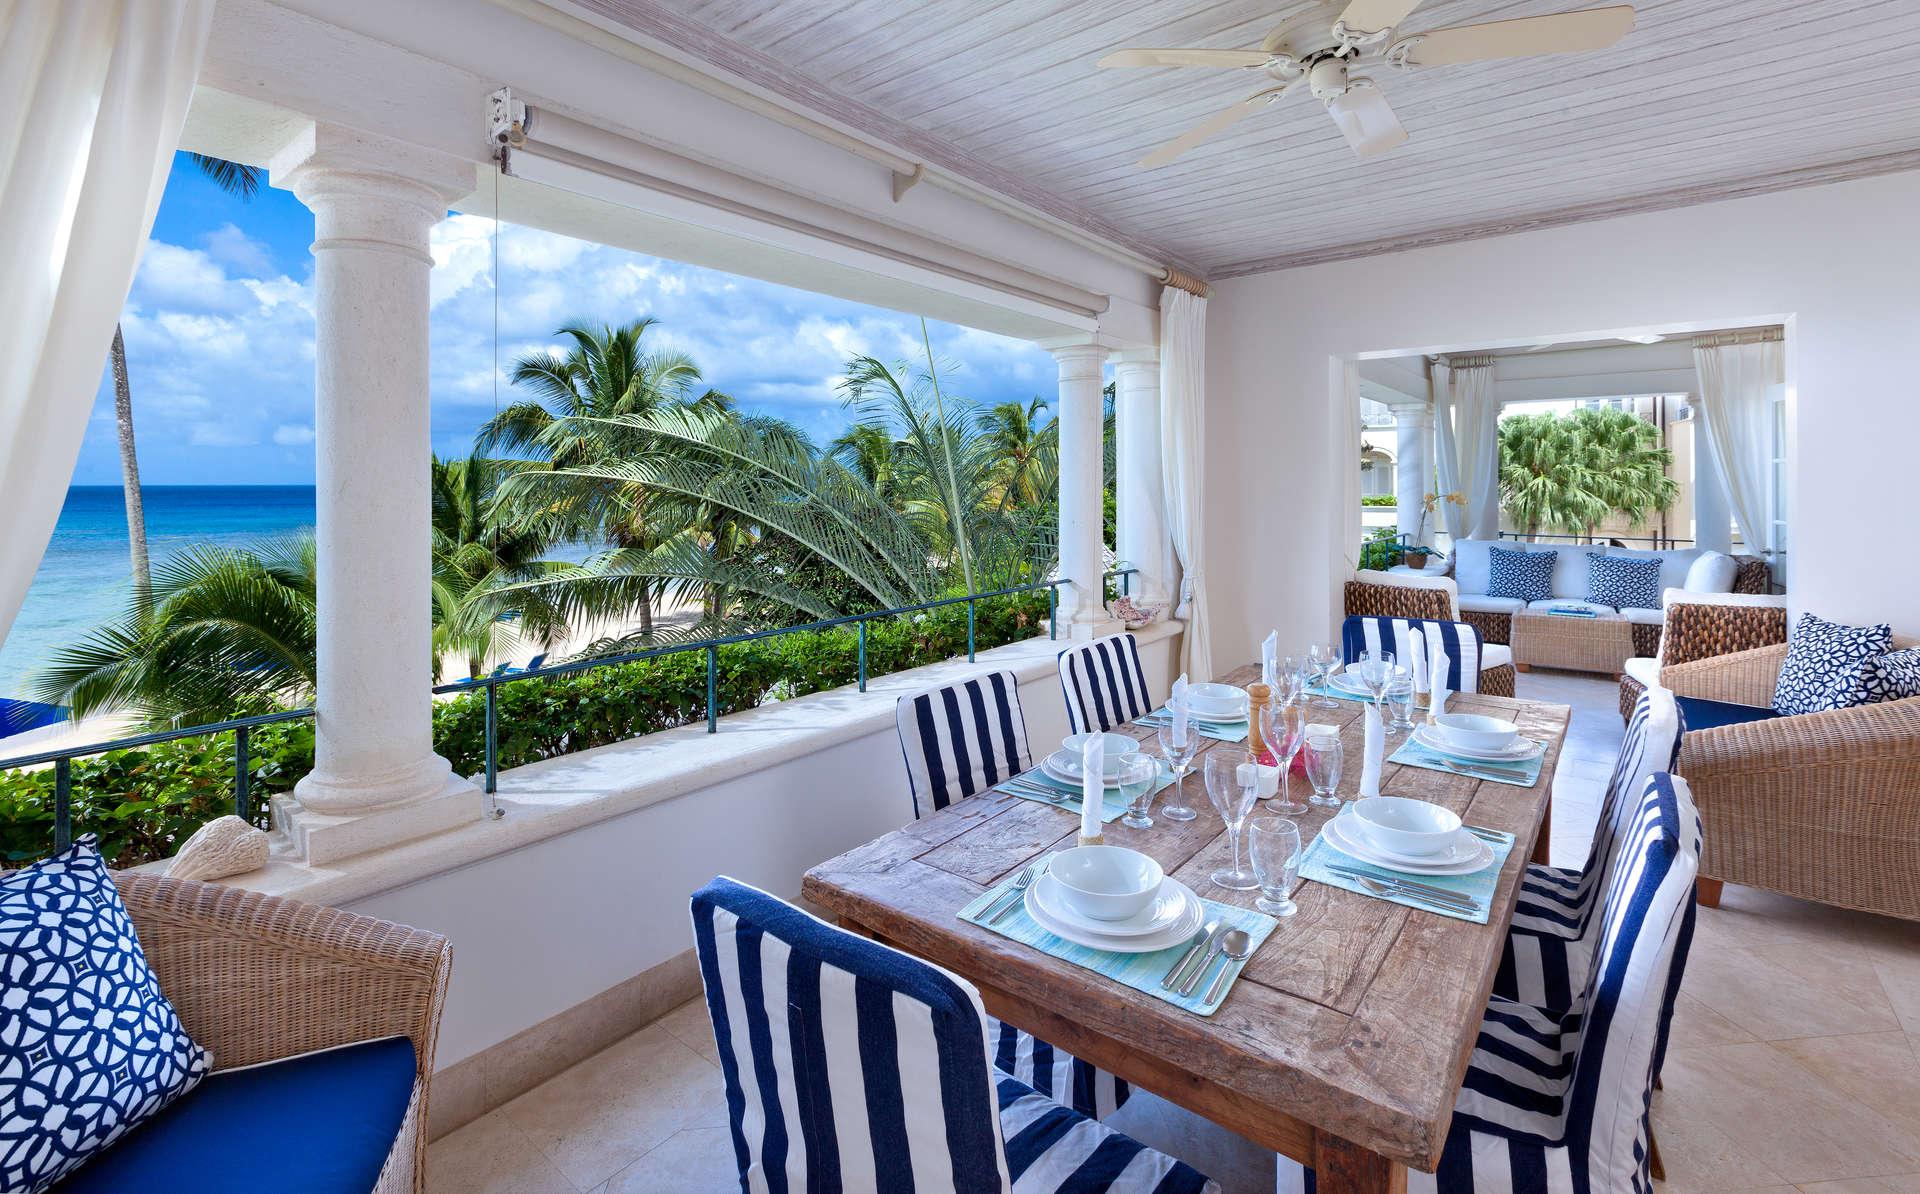 Luxury villa rentals caribbean - Barbados - St peter - Speightstown - Schooner Bay 207 | Innisfree - Image 1/9